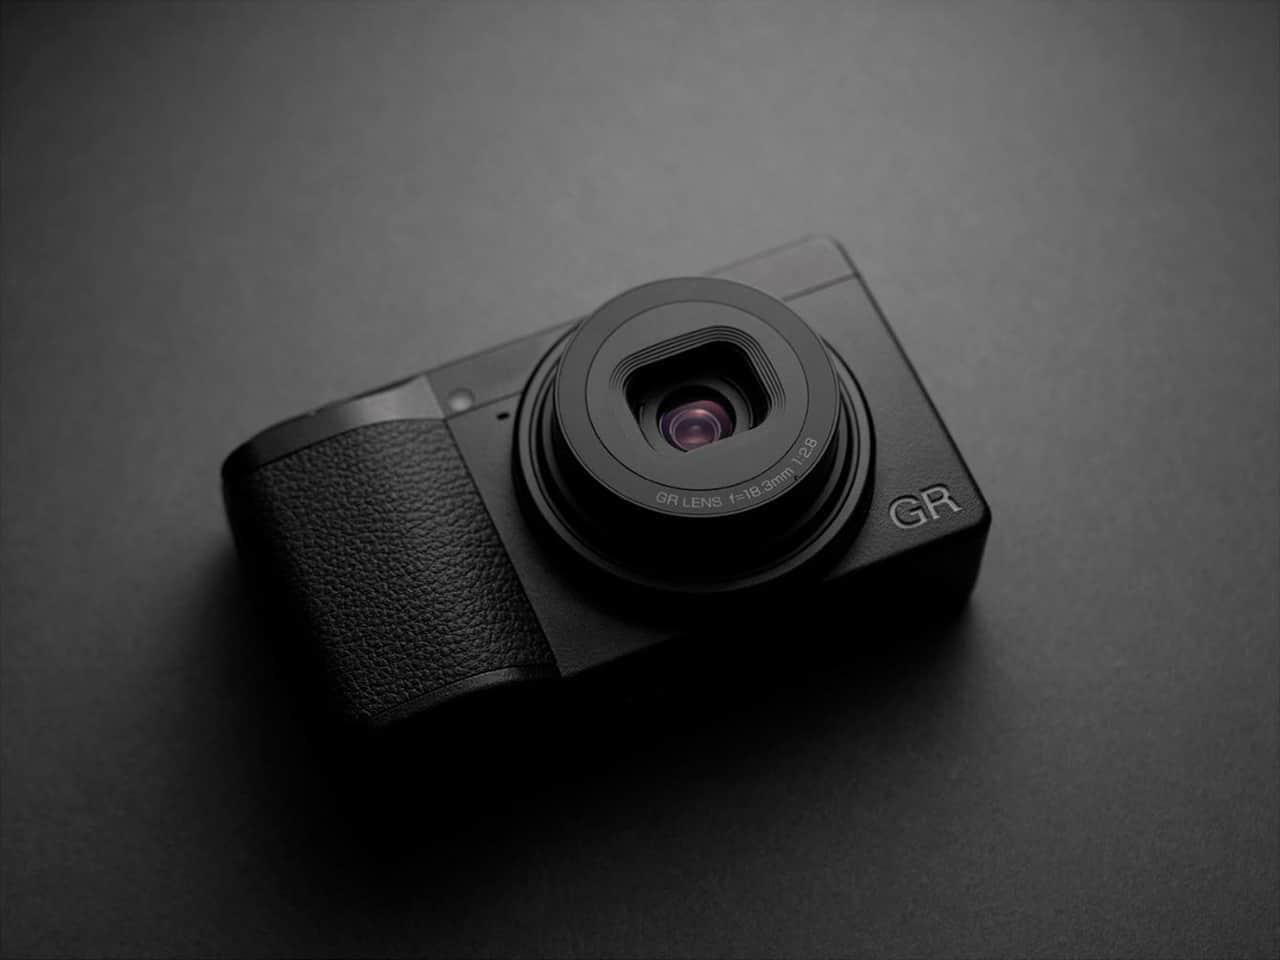 กล้องคู่ใจตัวเล็กพริกขี้หนู Ricoh GR III